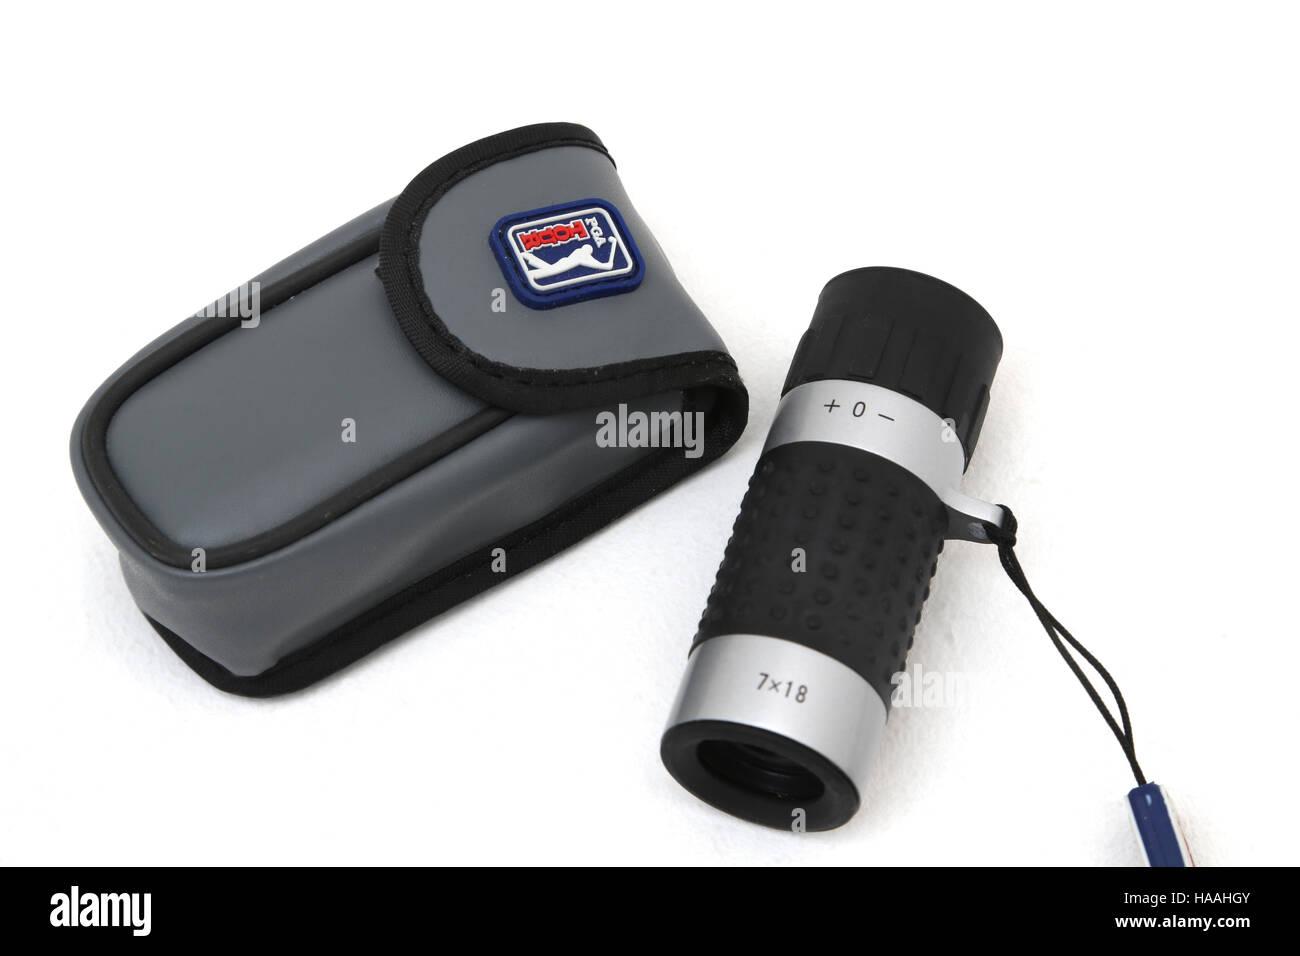 Leupold Golf Laser Entfernungsmesser Gx 4 : Golf entfernungsmesser auf preis vergleichen ✓